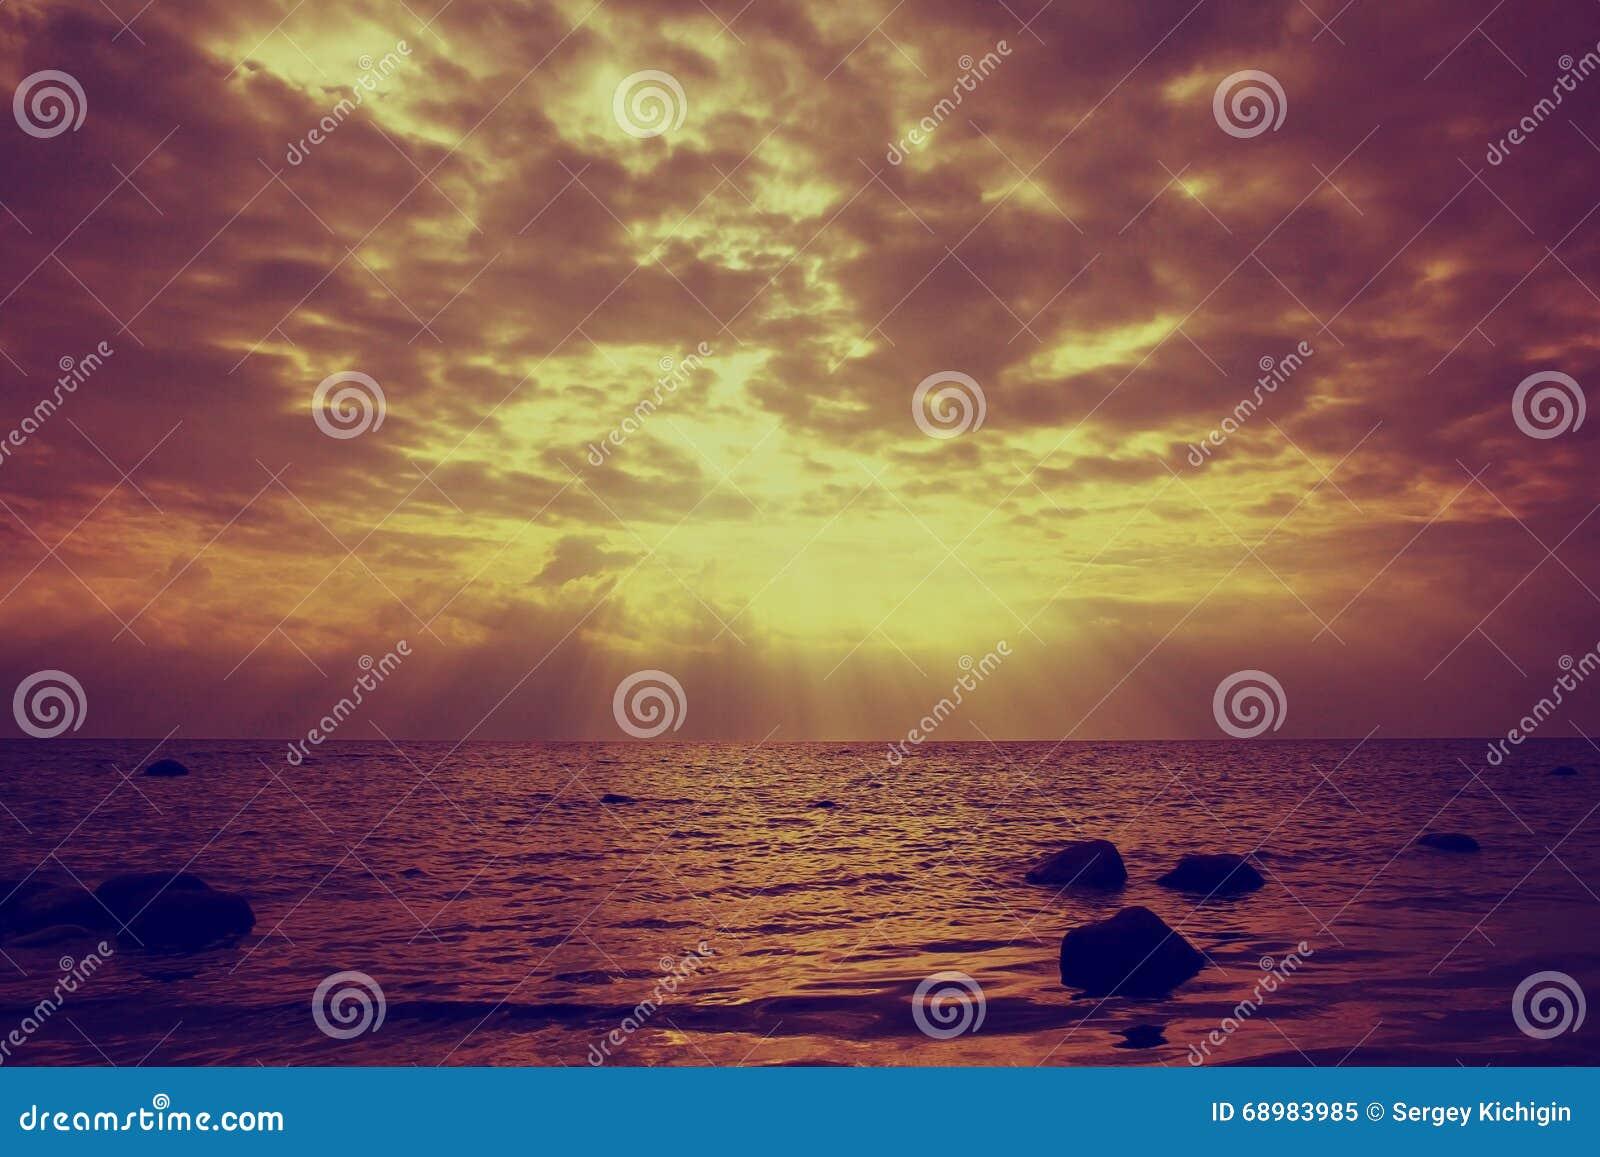 Nubes en luz de la puesta del sol